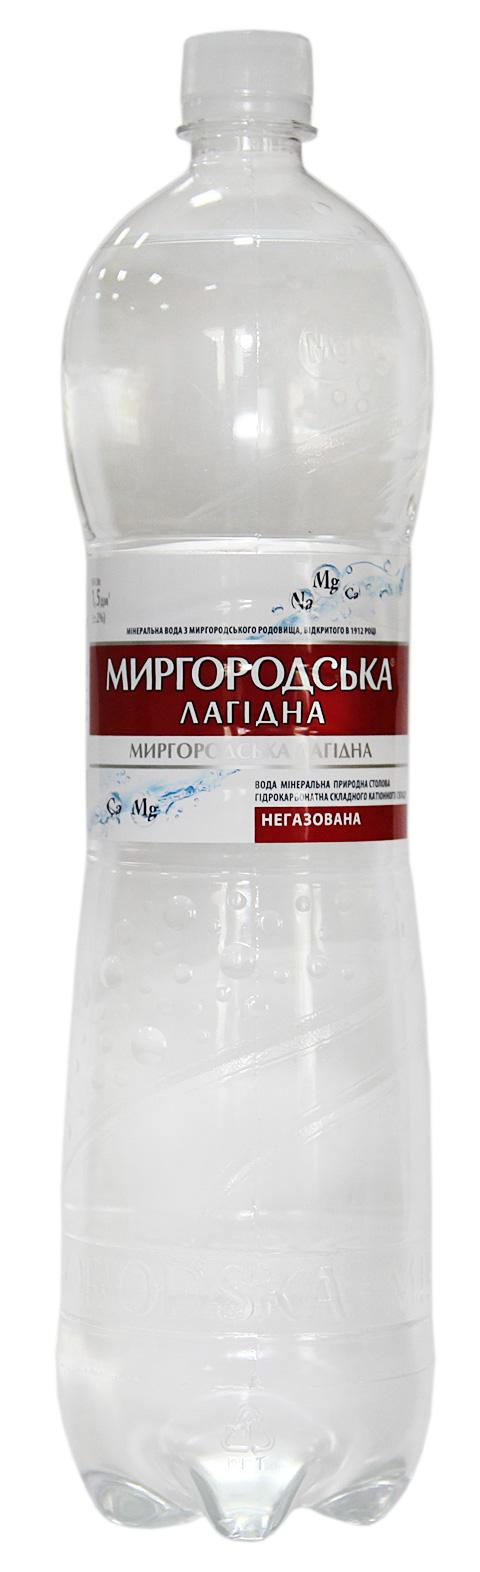 Вода минеральная негазированная Лагидна 0,5л., 12шт./уп., пластиковая бутылка